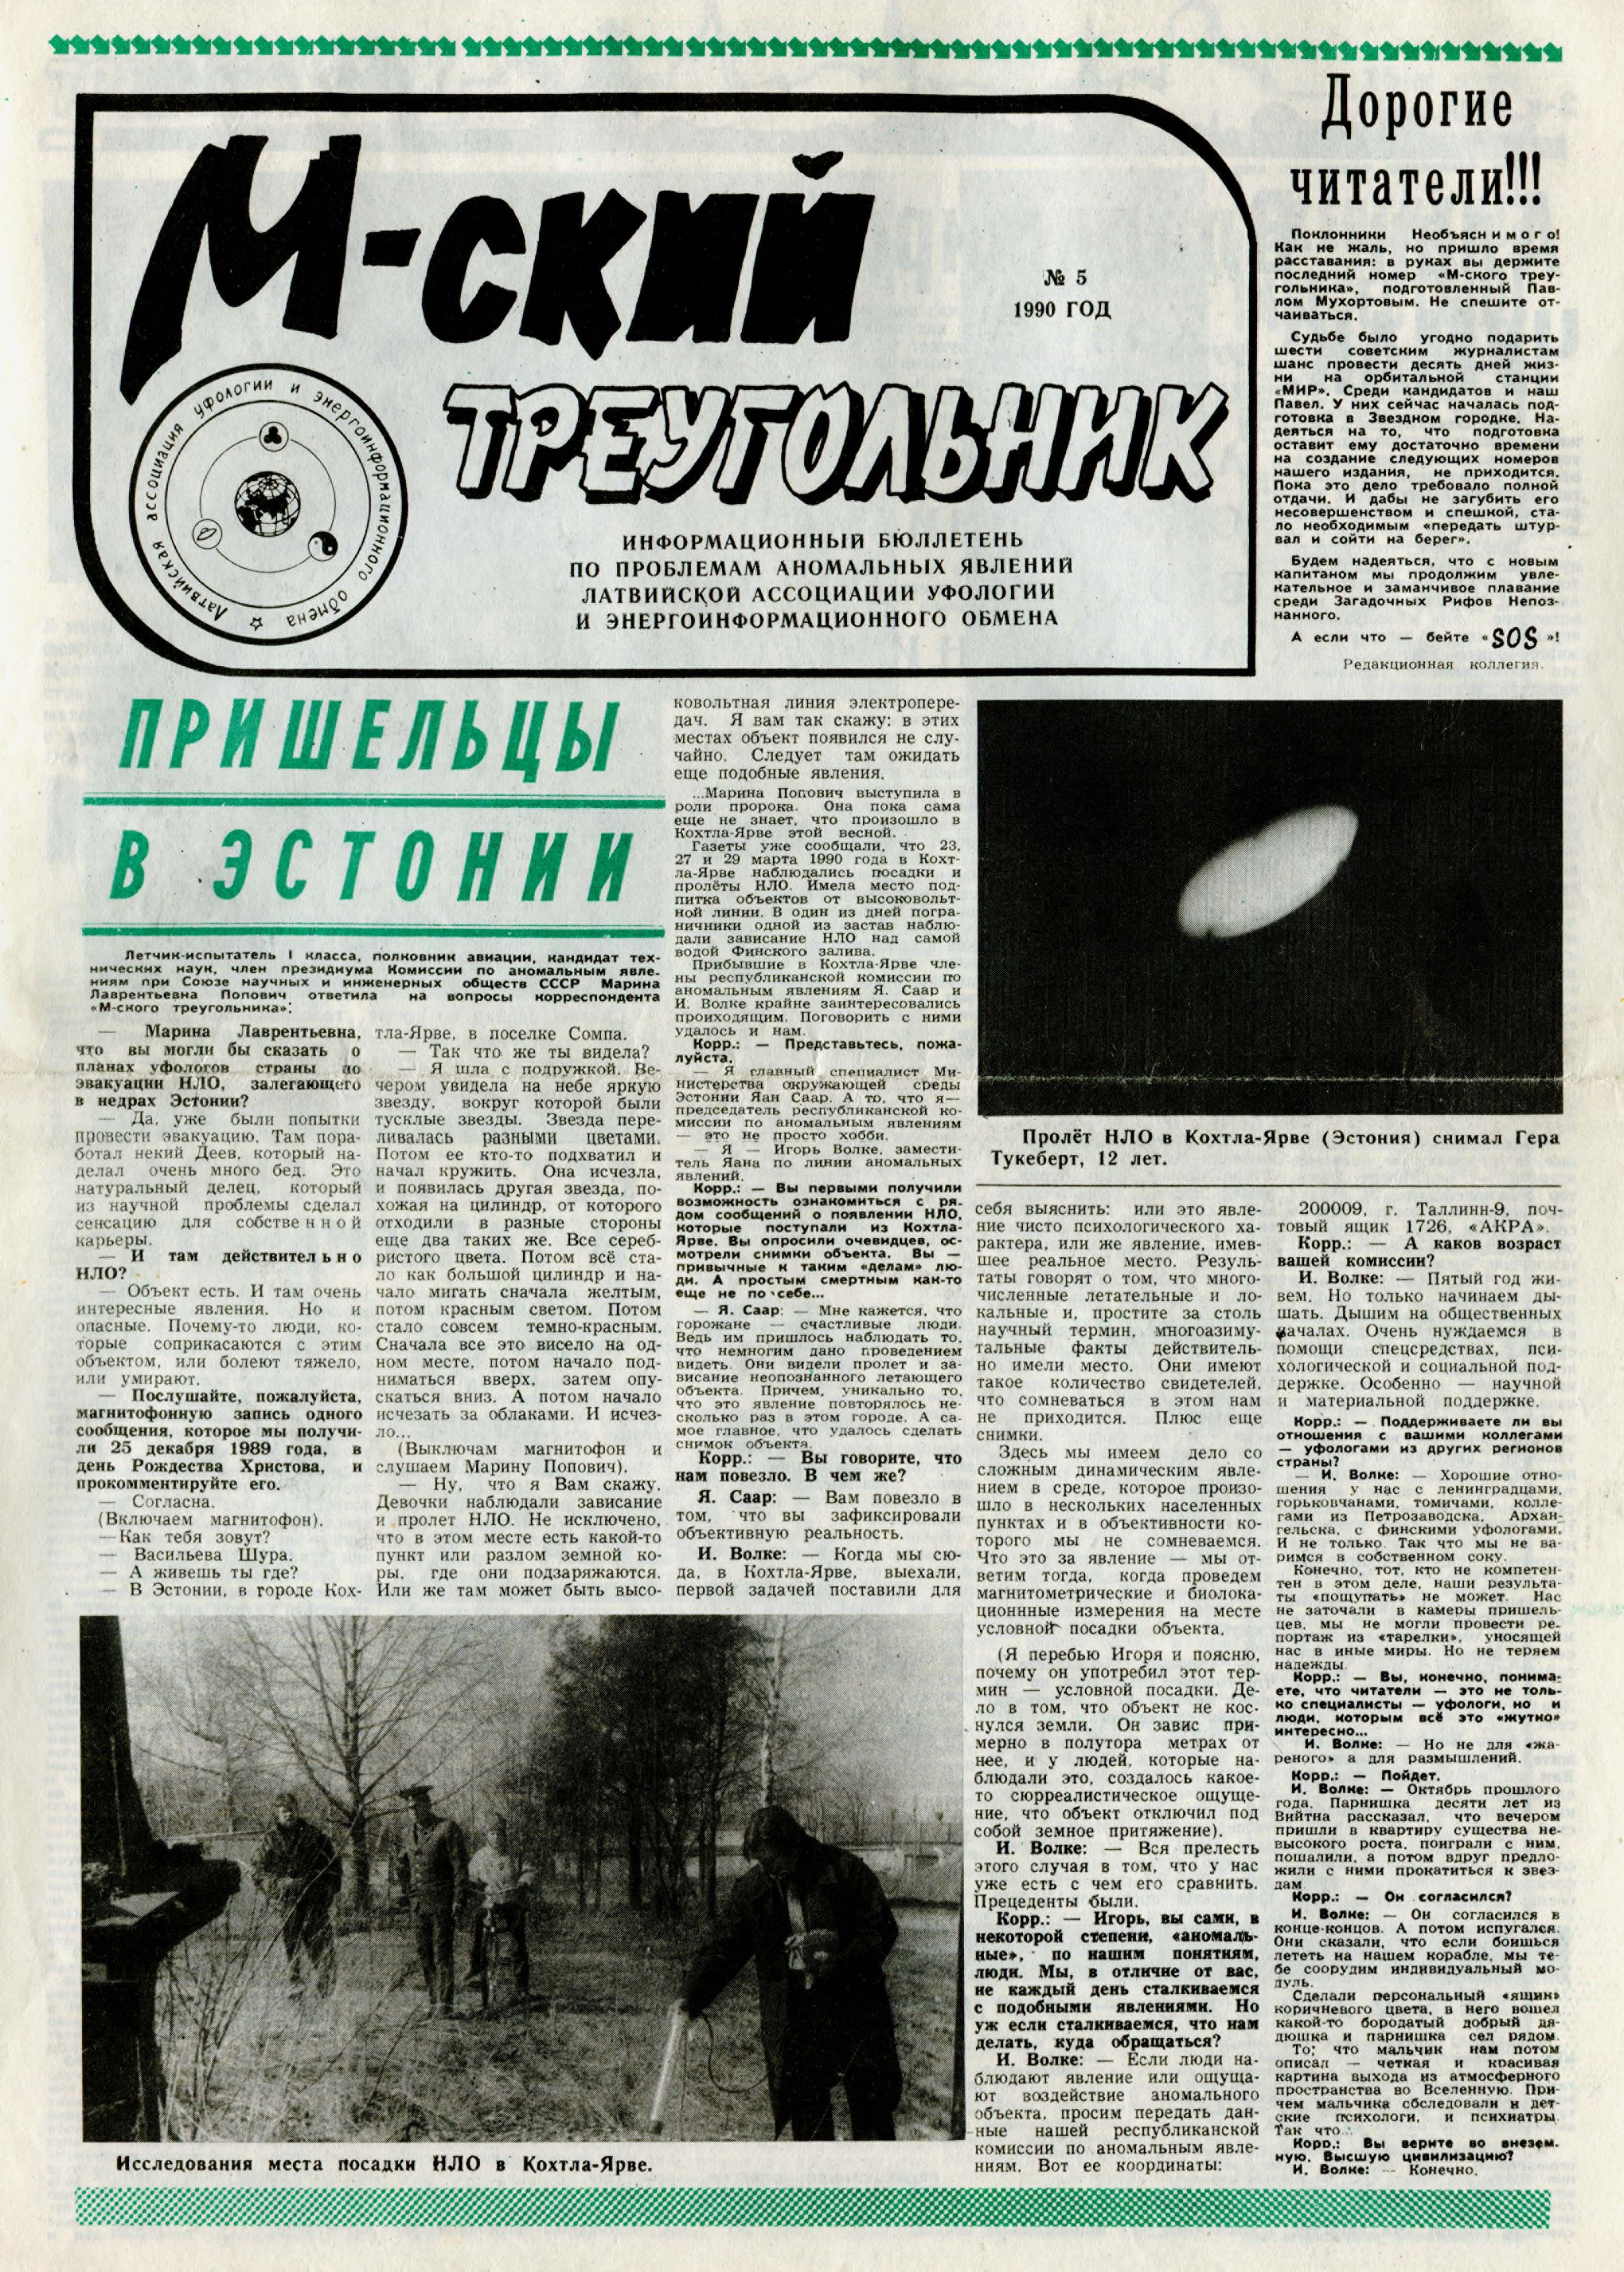 М-ский треугольник #05 (05-1990)_Страница_01.jpg